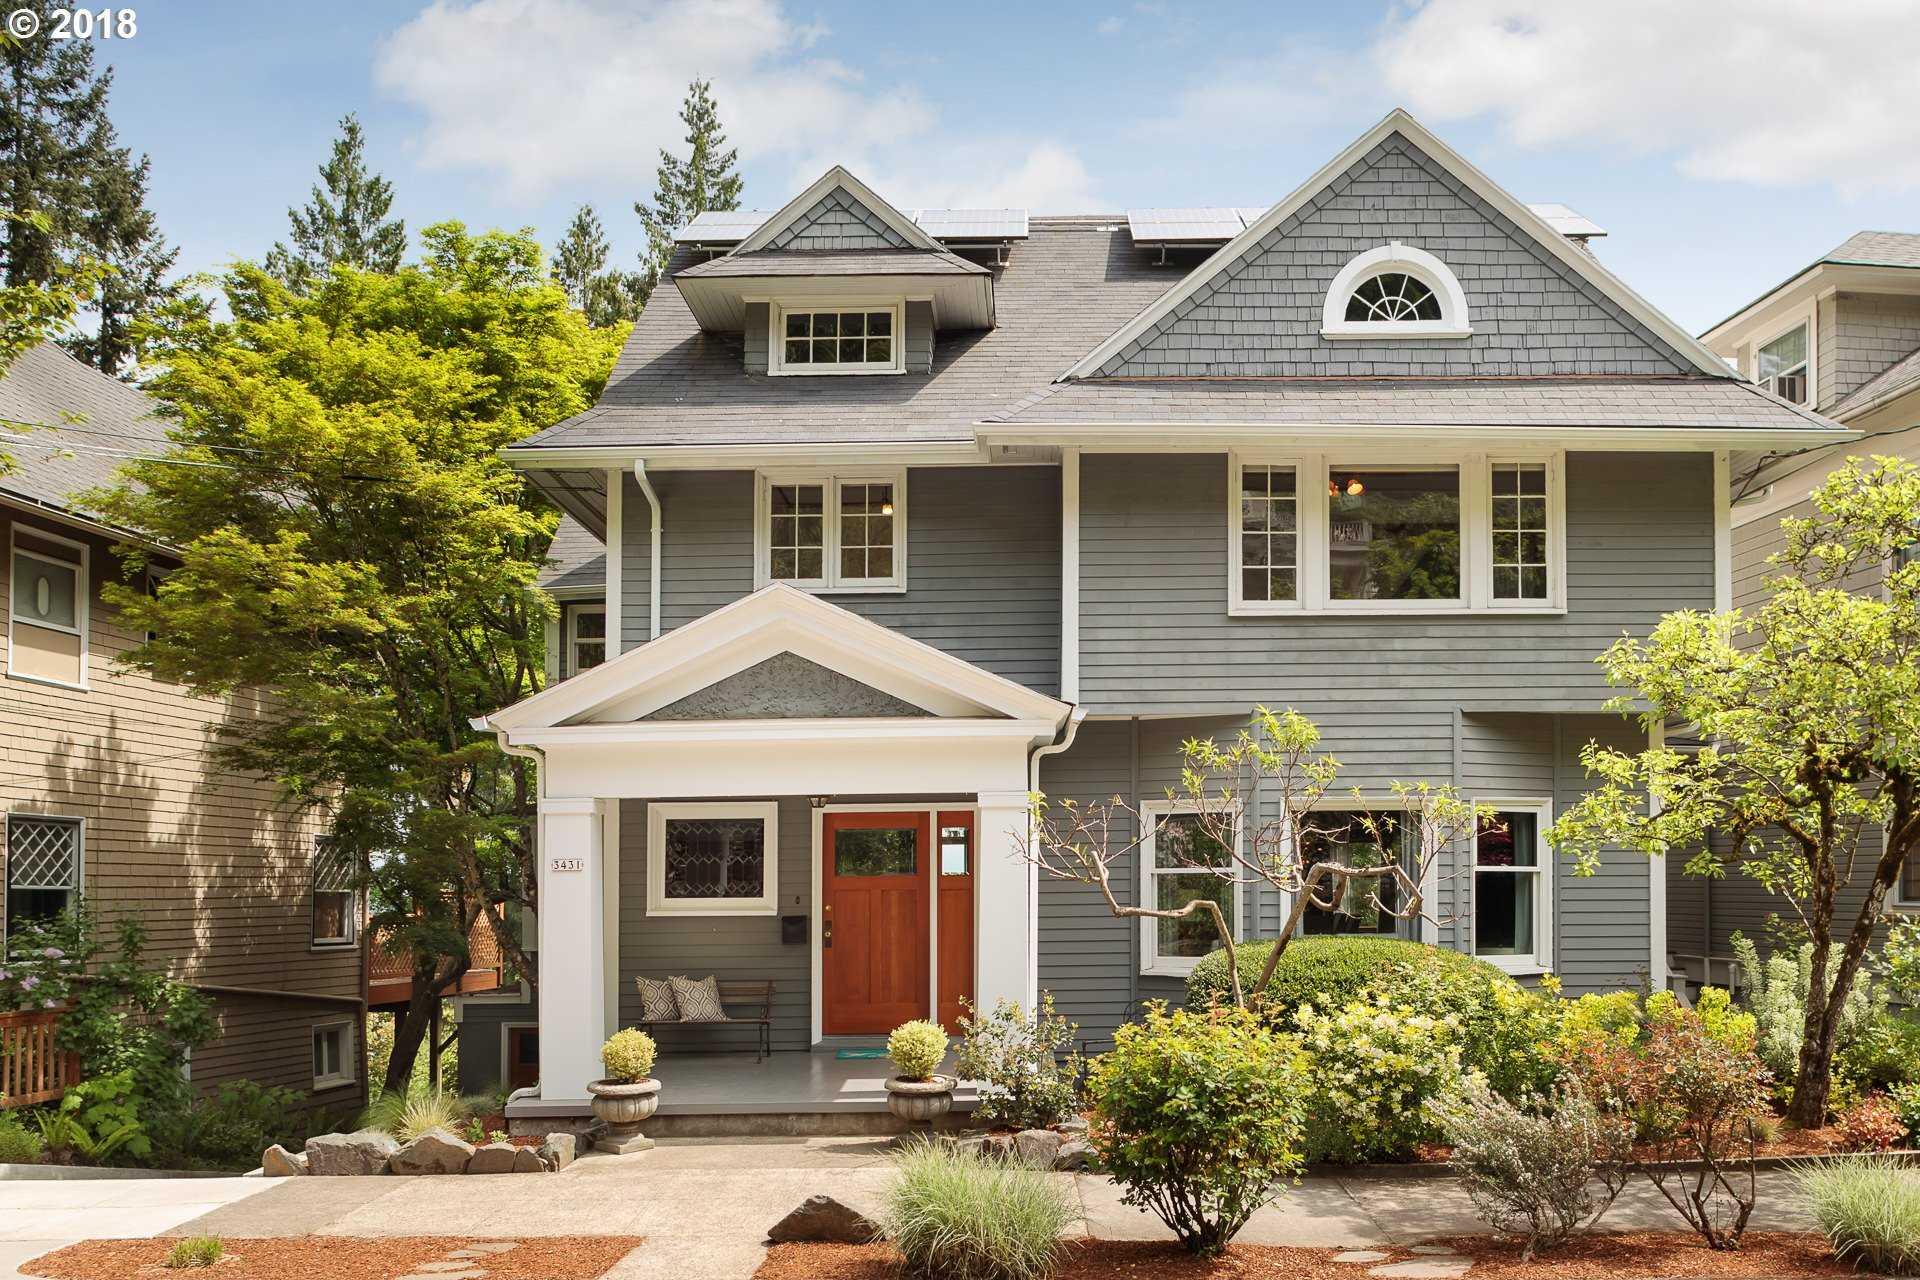 $985,000 - 4Br/3Ba -  for Sale in Willamette Heights, Portland